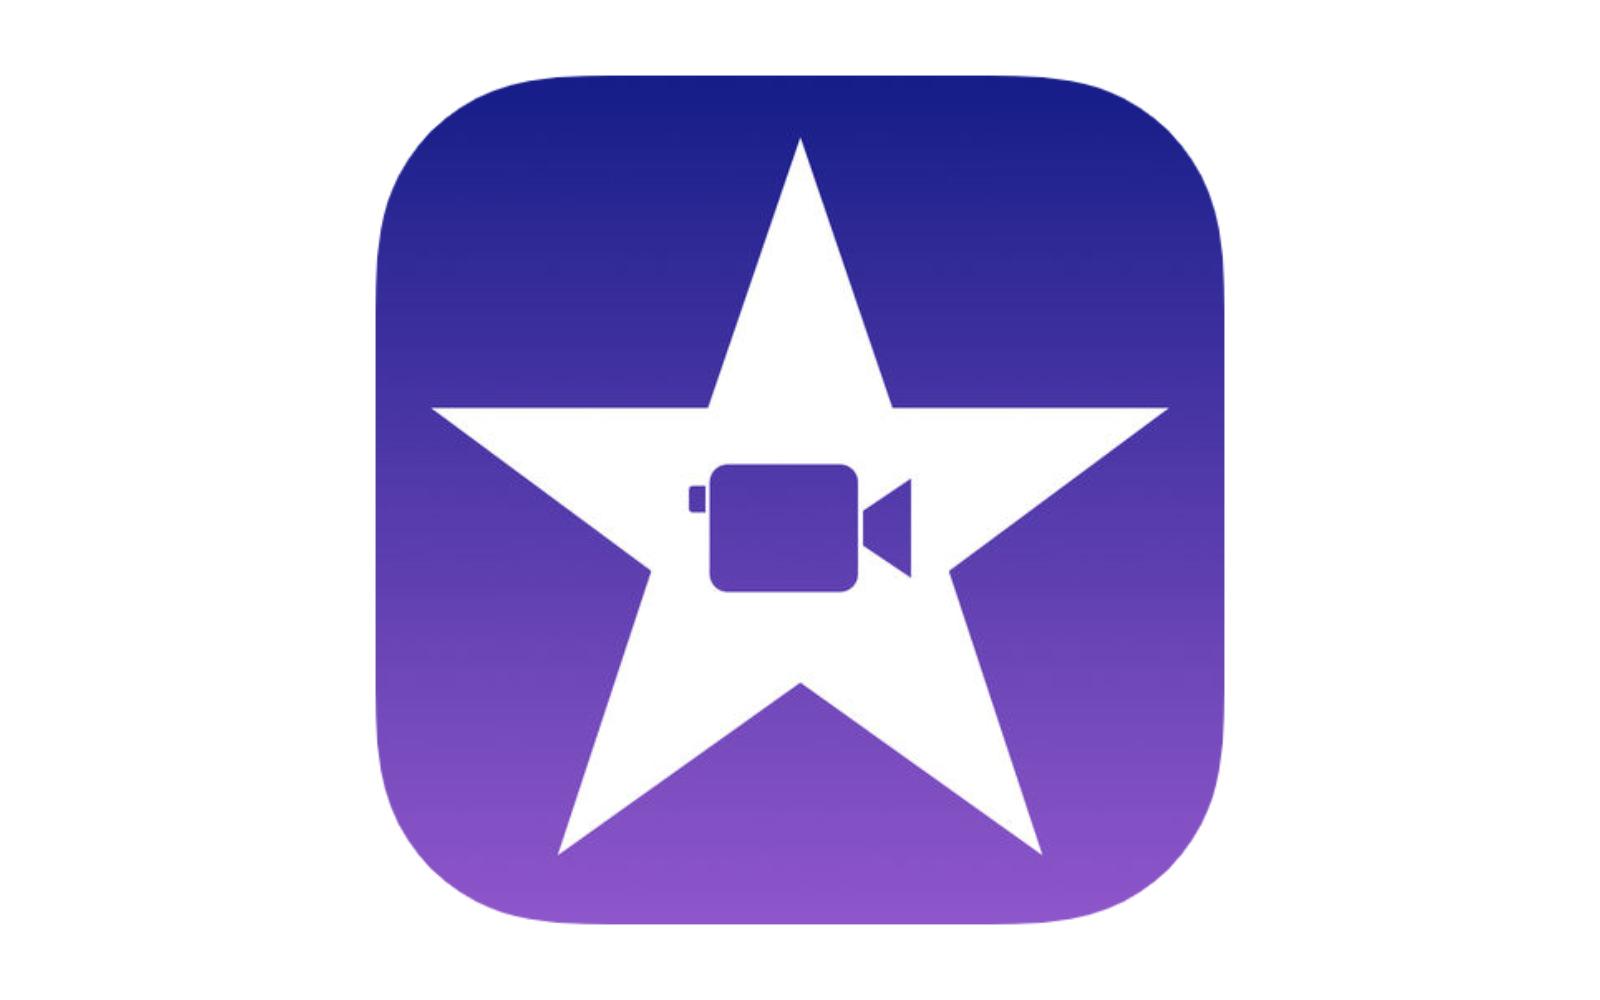 Imovie app logo